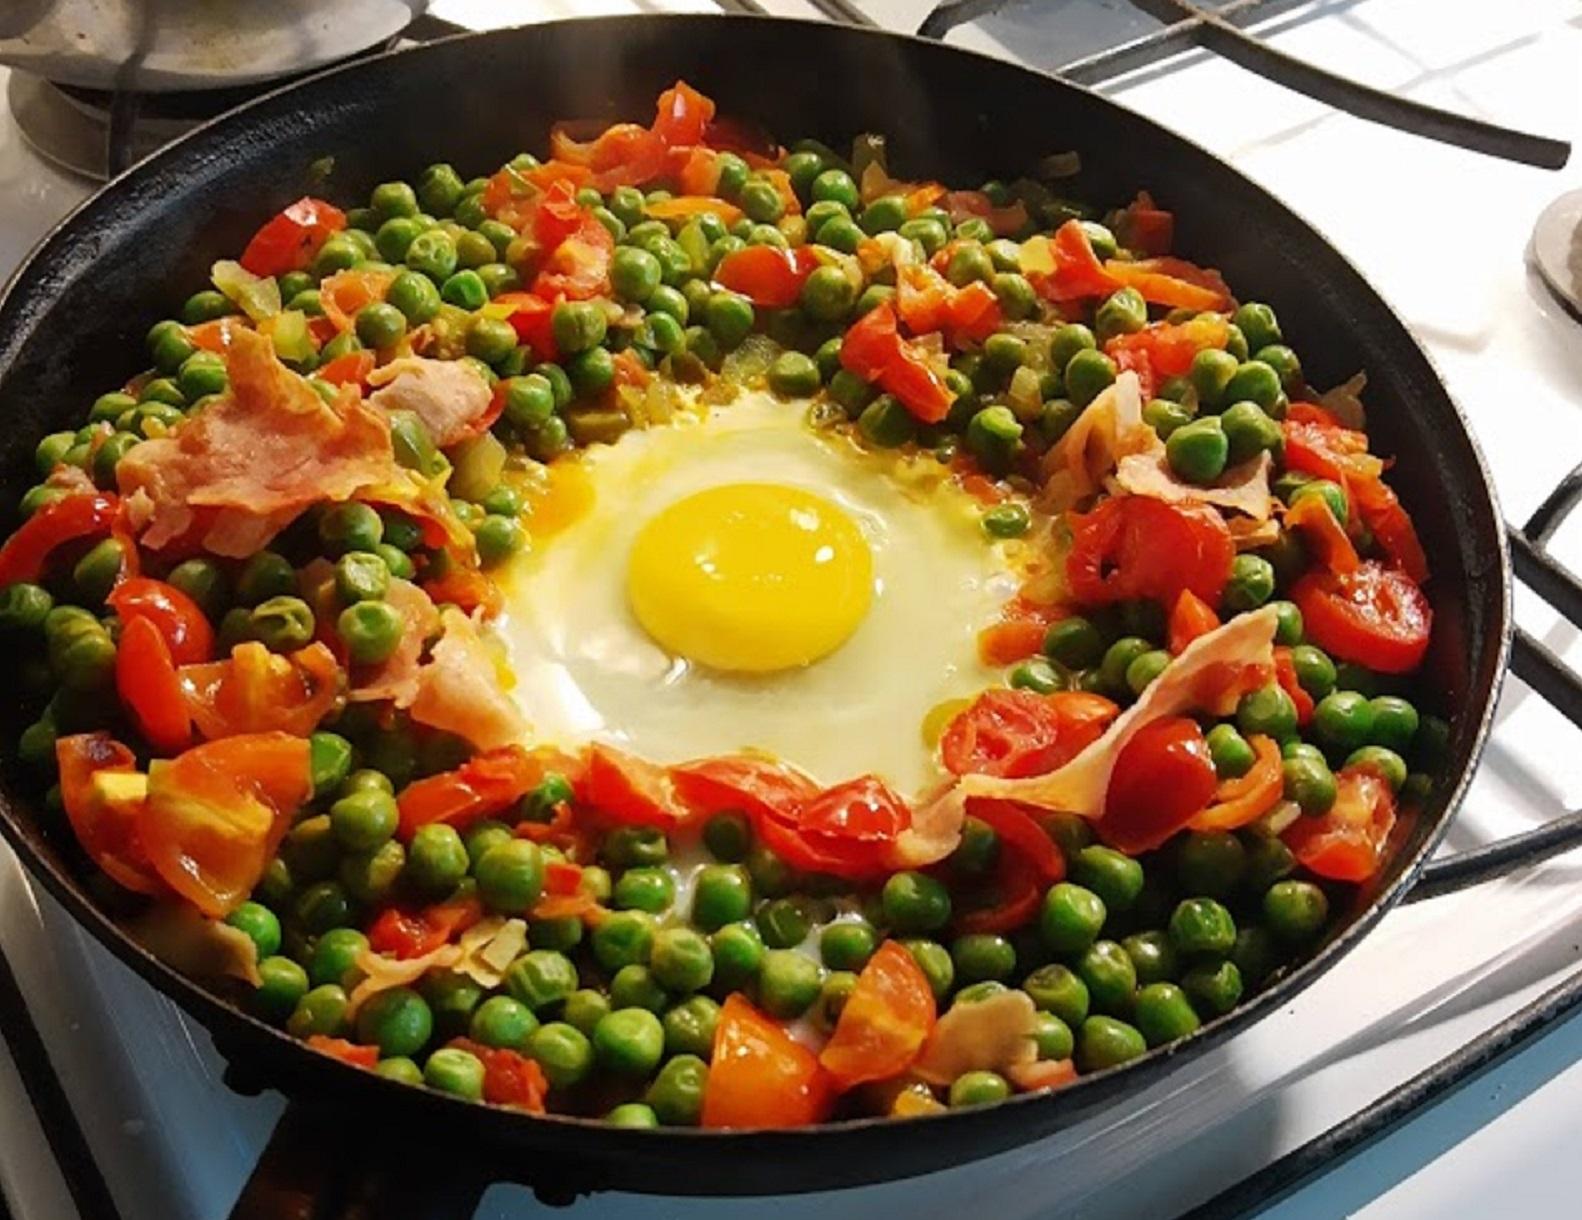 Una sartén con comida preparada en casa